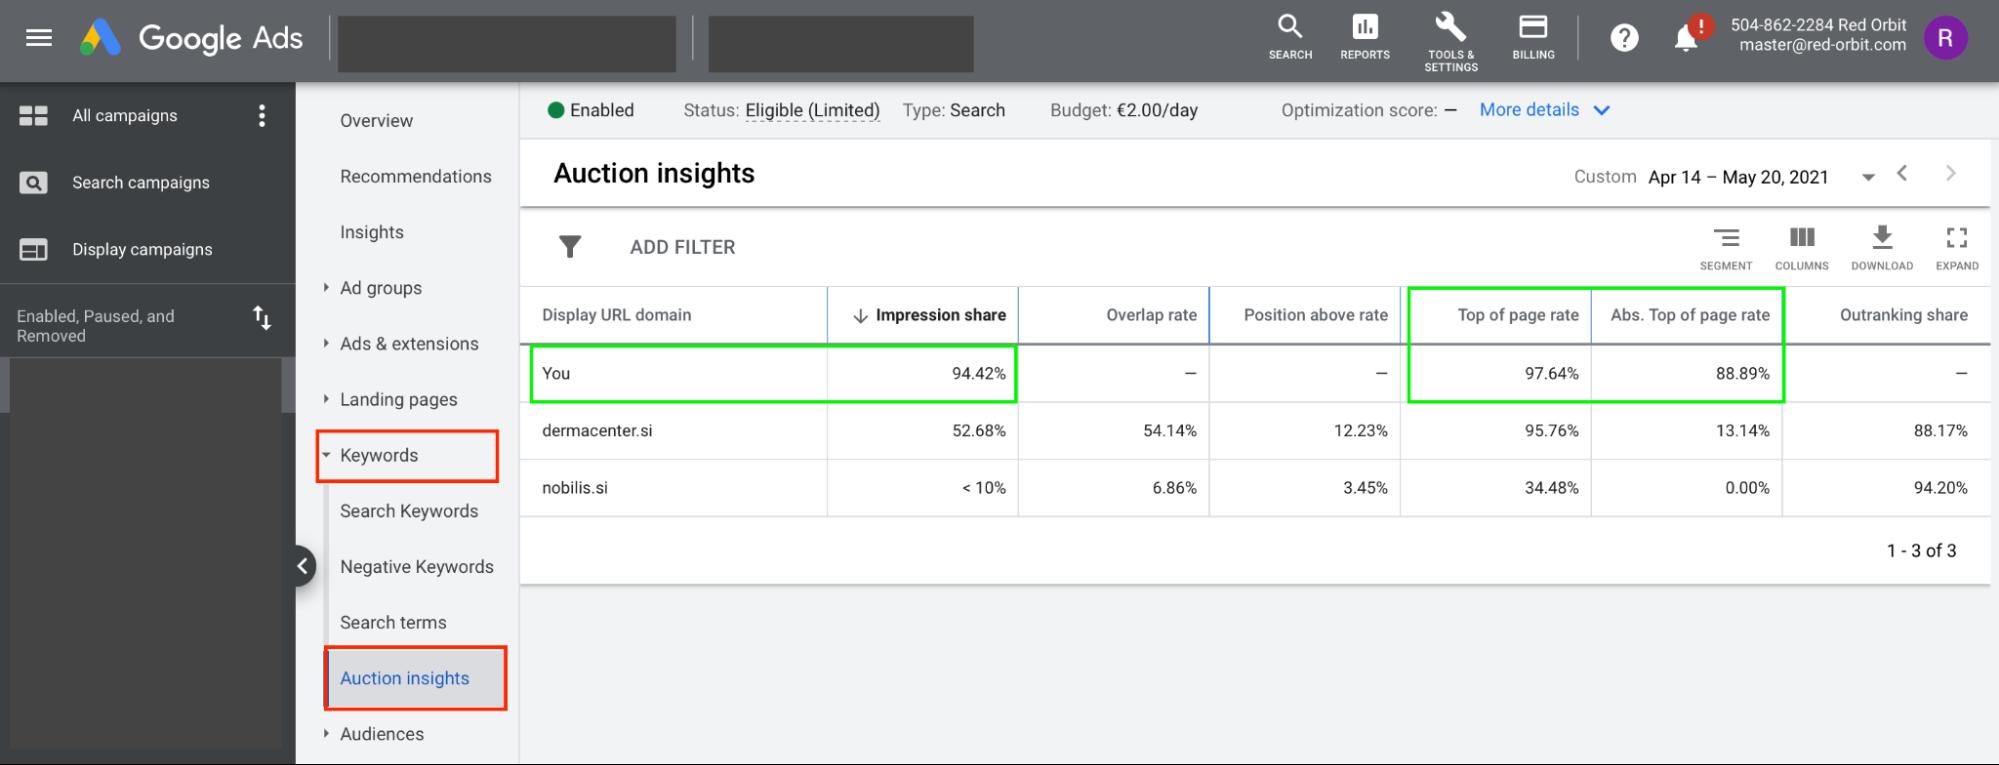 Vpogledi-v-Google-analitiki-za-Google-oglasevanje